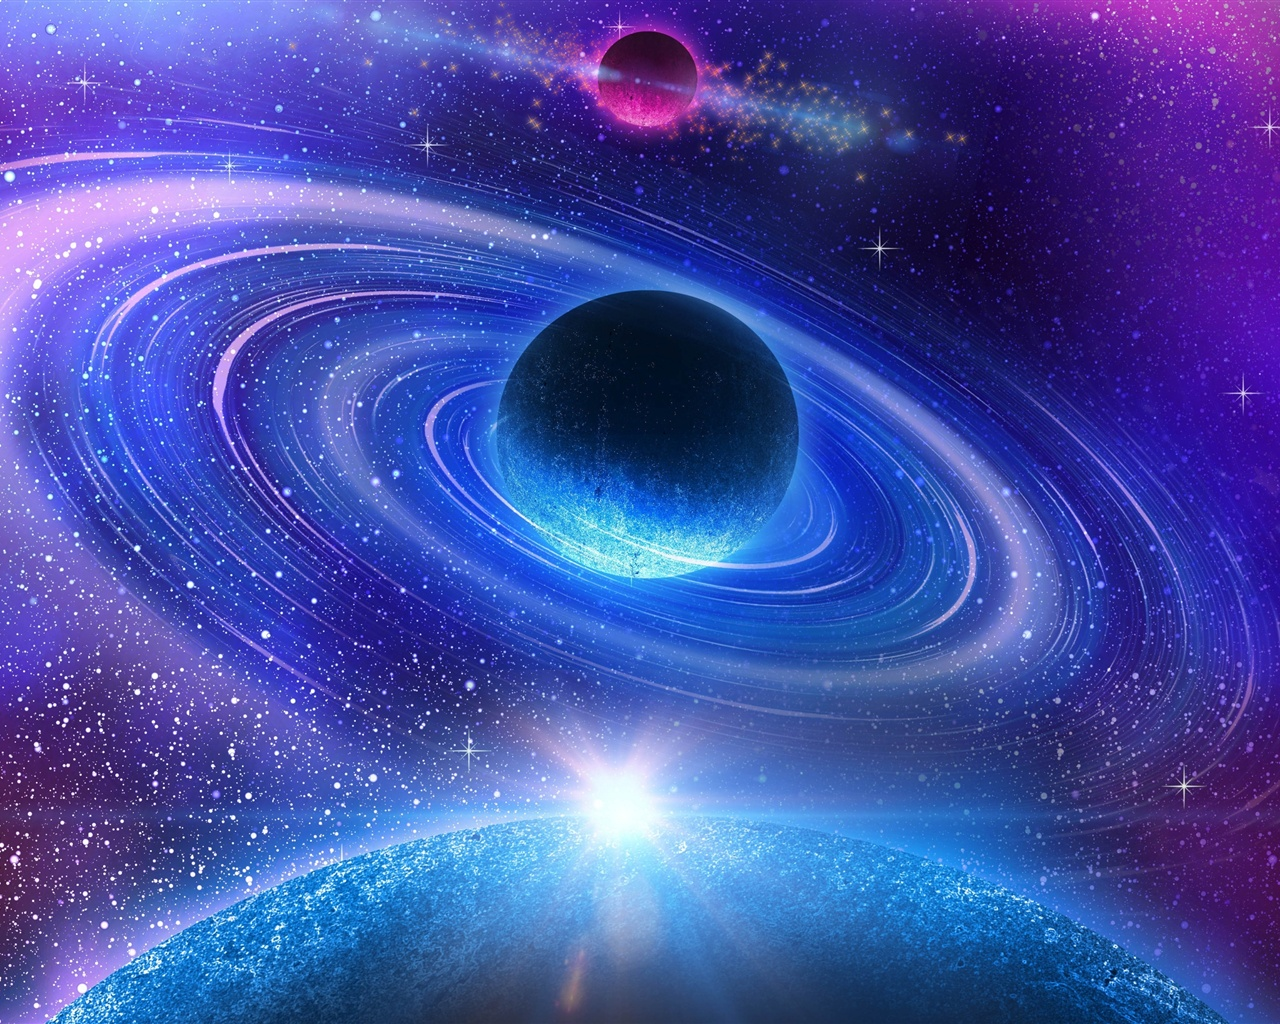 Fonds d'écran Beau univers, planète bleue 3840x2160 UHD 4K image